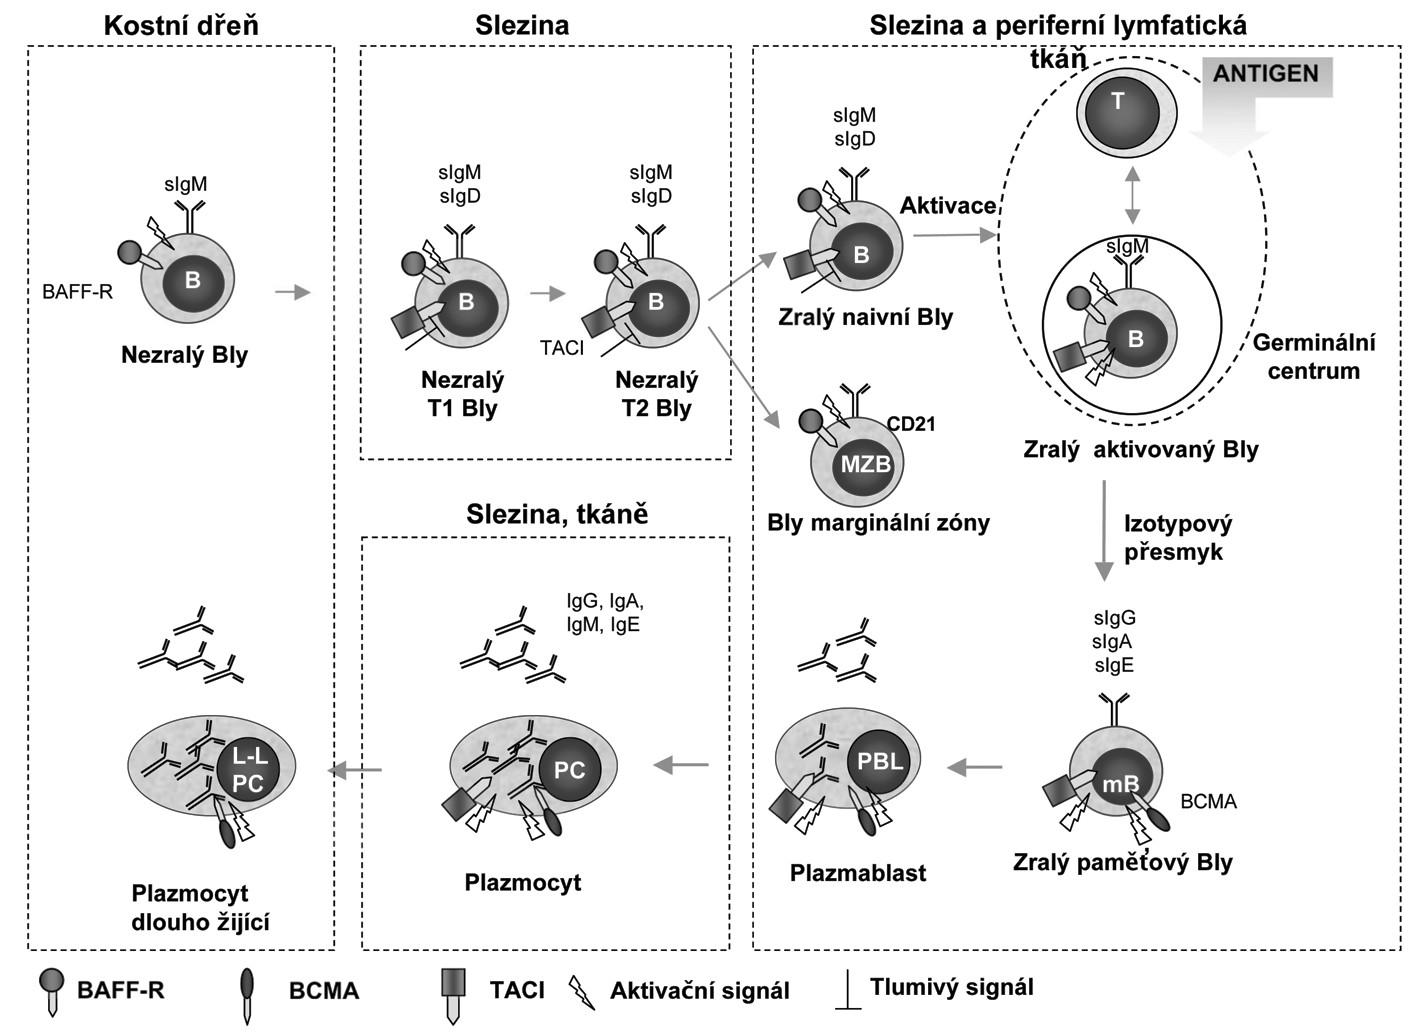 Potenciální funkce receptorů pro BAFF a APRIL u různých stadií vývoje B-lymfocytů. (Upraveno podle: BAFF, APRIL and their receptors: structure, function and signaling. Semin Immunol. 2006:263-75 a BAFF, APRIL and human B cell disorders. Semin Immunol 2006:305-17). Během vývoje jsou B-lymfocyty závislé na signalizaci zprostředkované receptory pro BAFF a APRIL, které jsou diferencovaně exprimované v jednotlivých diferenciačních stadiích. V časných stadiích maturace (od nezralých B-lymfocytů přez přechodná stadia T1,2 až po naivní zralé B-lymfocyty) předává BAFF-R signál pro přežití a TACI působí jako negativní regulátor. BAFF-R je potřebný také pro tvorbu B-lymfocytů marginální zóny a expresi CD21. Během terminální diferenciace je pak přežití B-lymfocytů závislé na signálu zprostředkovaném BCMA. BAFF-R a TACI jsou důležité pro indukci izotypového přesmyku do IgG a IgE a TACI do IgA. Zkratky: BAFF-R, BAFF receptor; BCMA, B-cell maturation antigen; Bly (B), B-lymfocyt; LL PC, Long lived plasma cell; mB, memory B-lymfocyt; MZB, marginal zone B lymphocyte; PC, Plasma cell; PBL, Plasmablast; T, T-lymfocyt; TACI, transmembrane activator and calcium monulator and cyclophilin ligand interactor; T1,2 transitional B-lymphocyte.